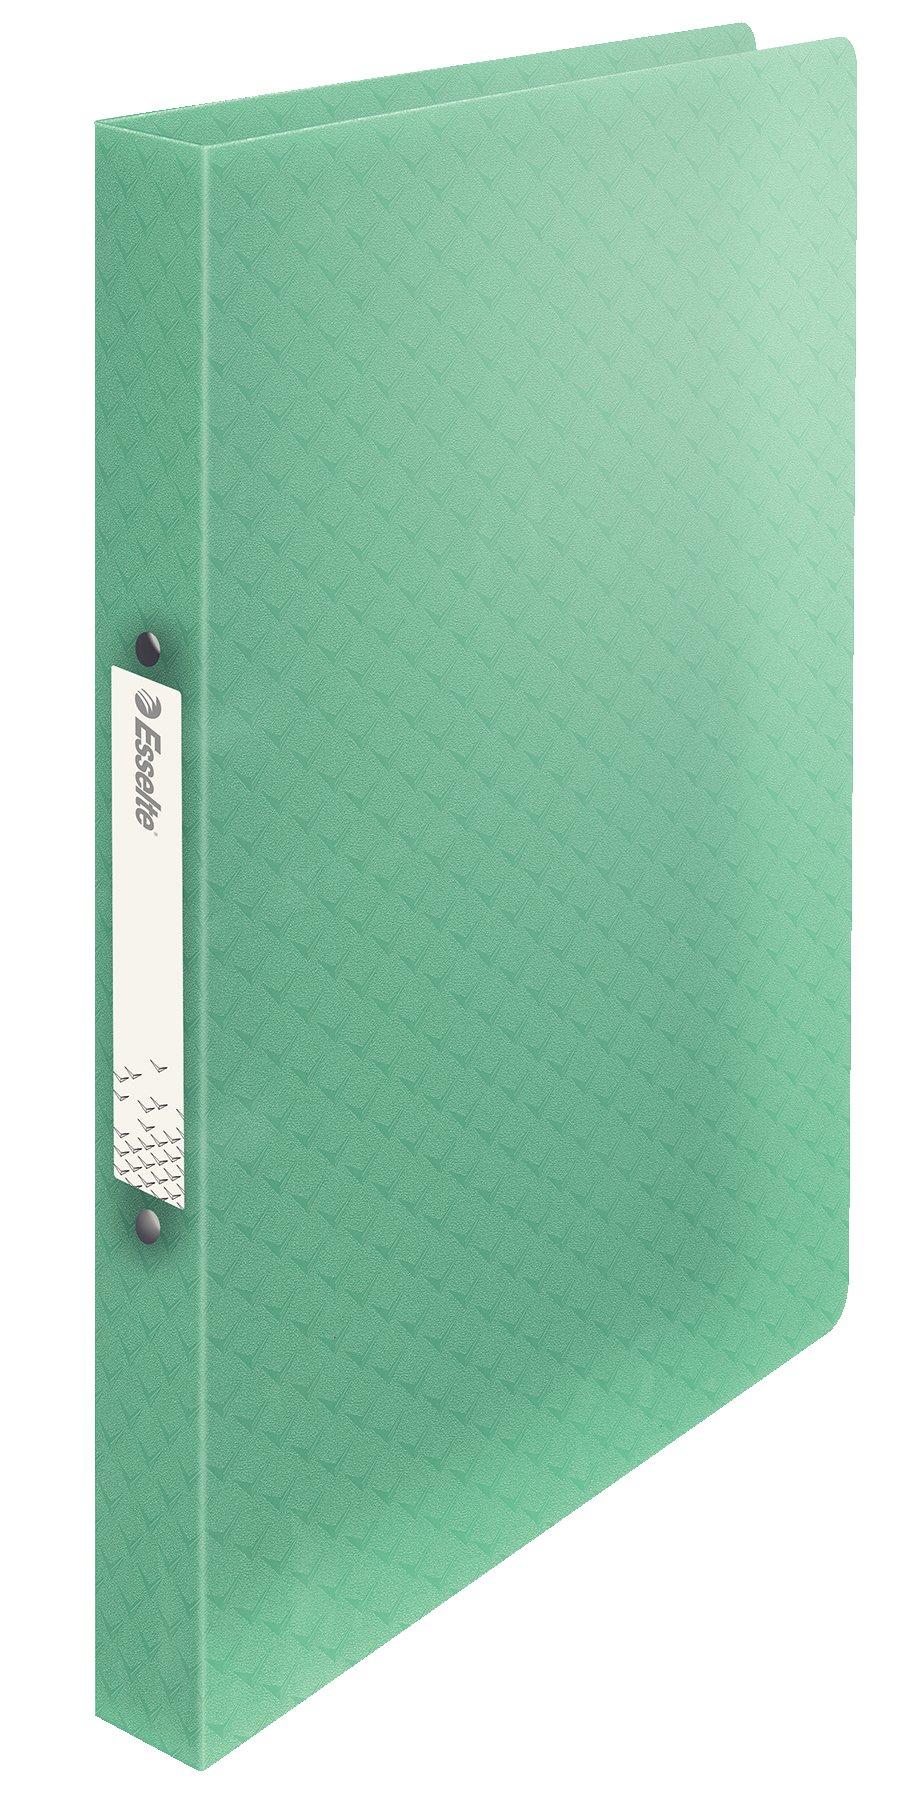 Esselte Carpeta 2 Anillas, Para 140 Folios, A4, Verde, ColourIce, 626243: Amazon.es: Oficina y papelería